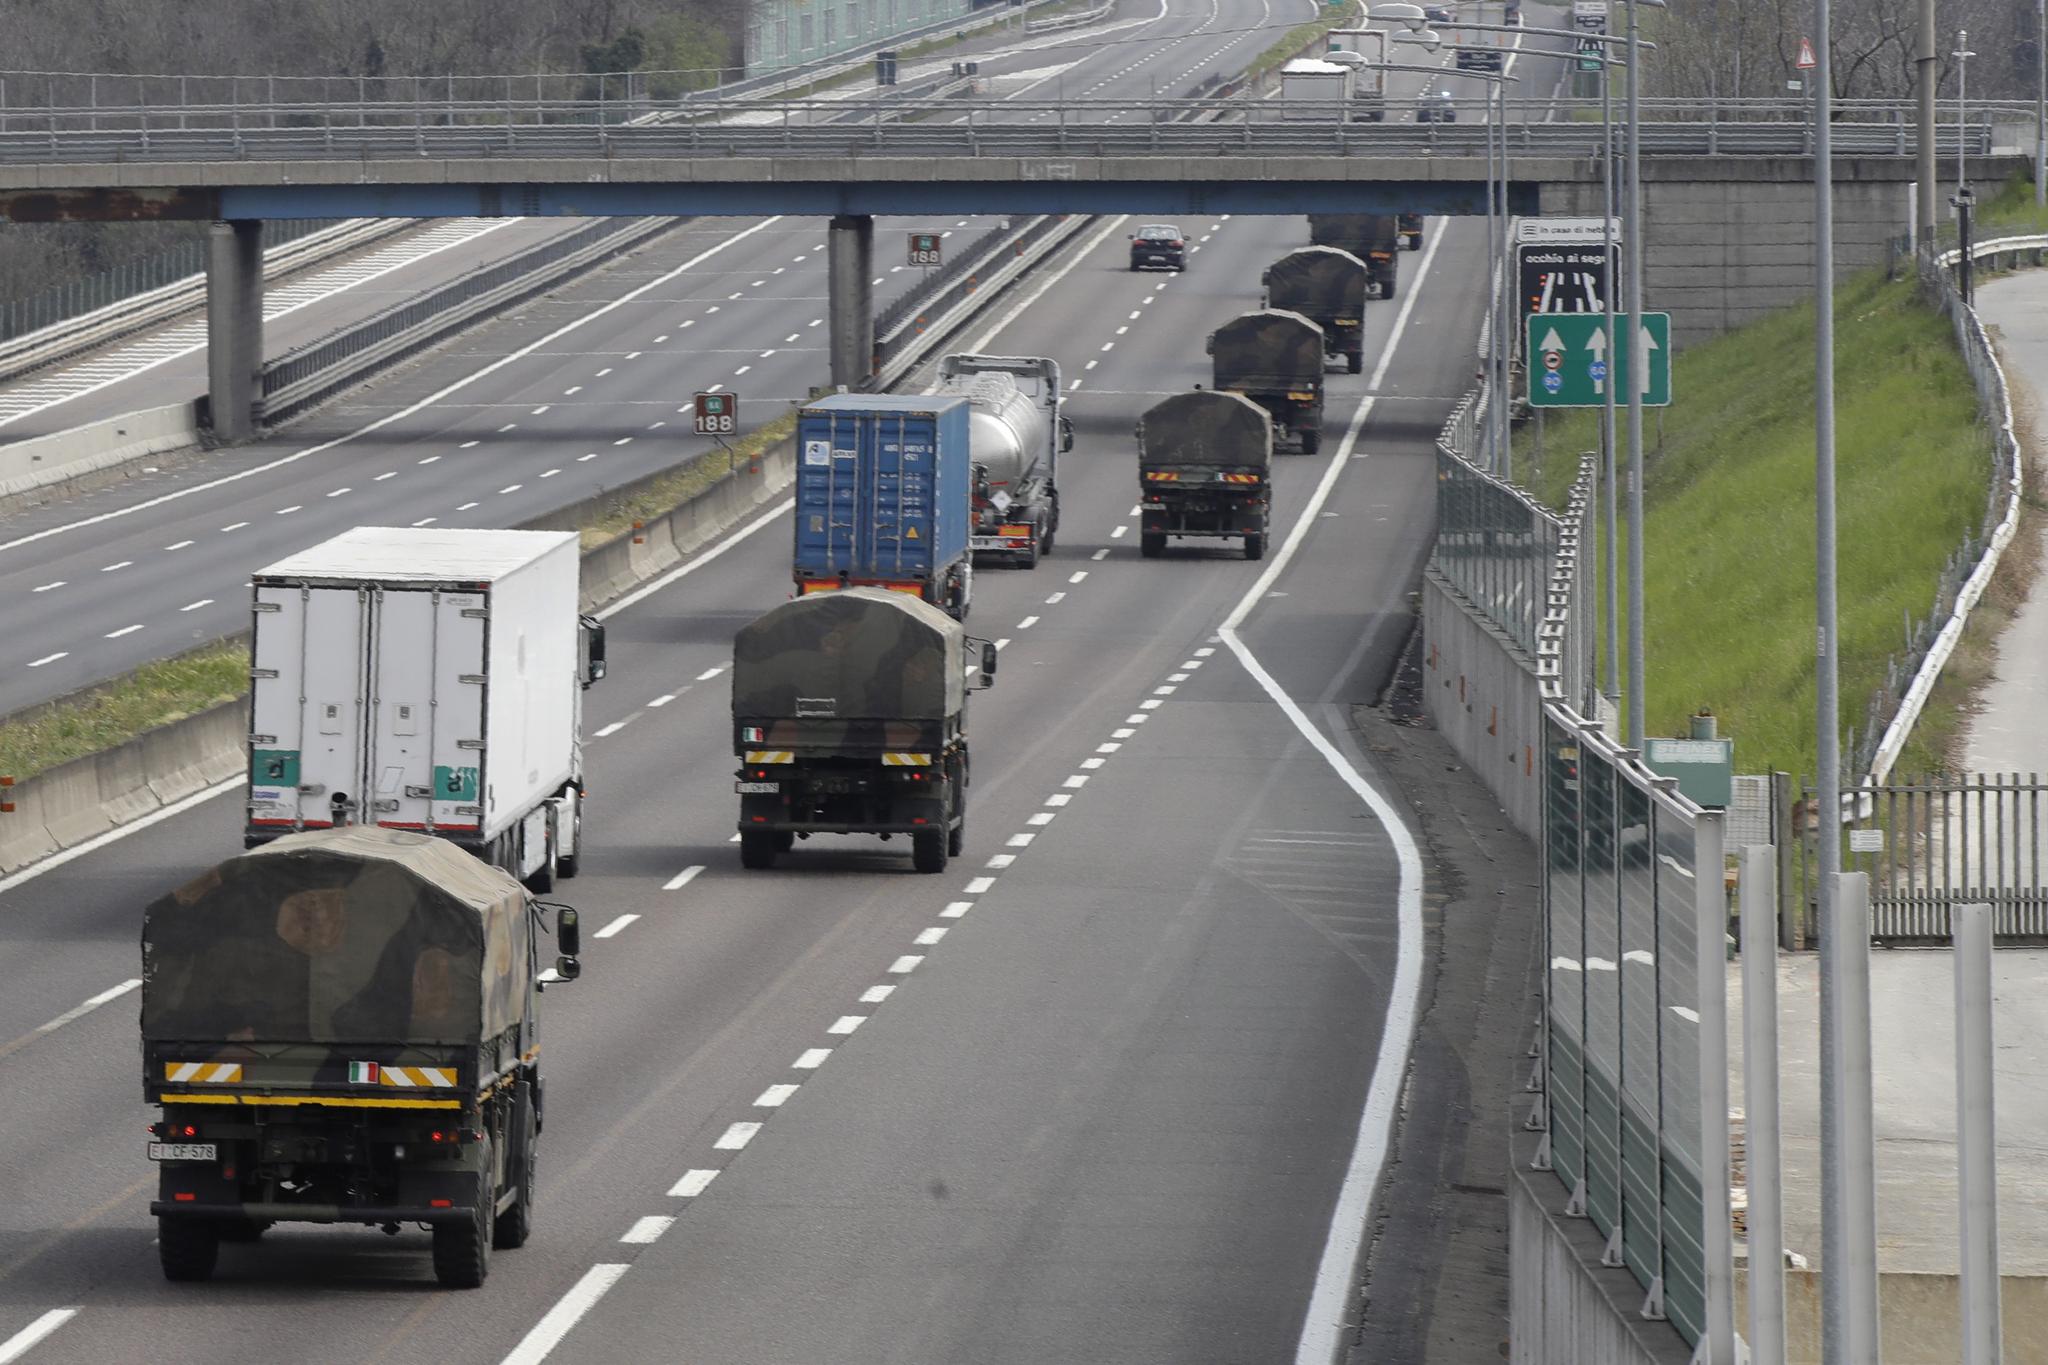 이탈리아 군용 트럭들이 26일(현지시간) 신종 코로나바이러스 감염증(코로나19) 사망자 시신들이 안치된 관들을 싣고 포화 상태인 베르가모 공동묘지를 떠나 다른 지역 화장터로 향하고 있다. [AP=연합뉴스]